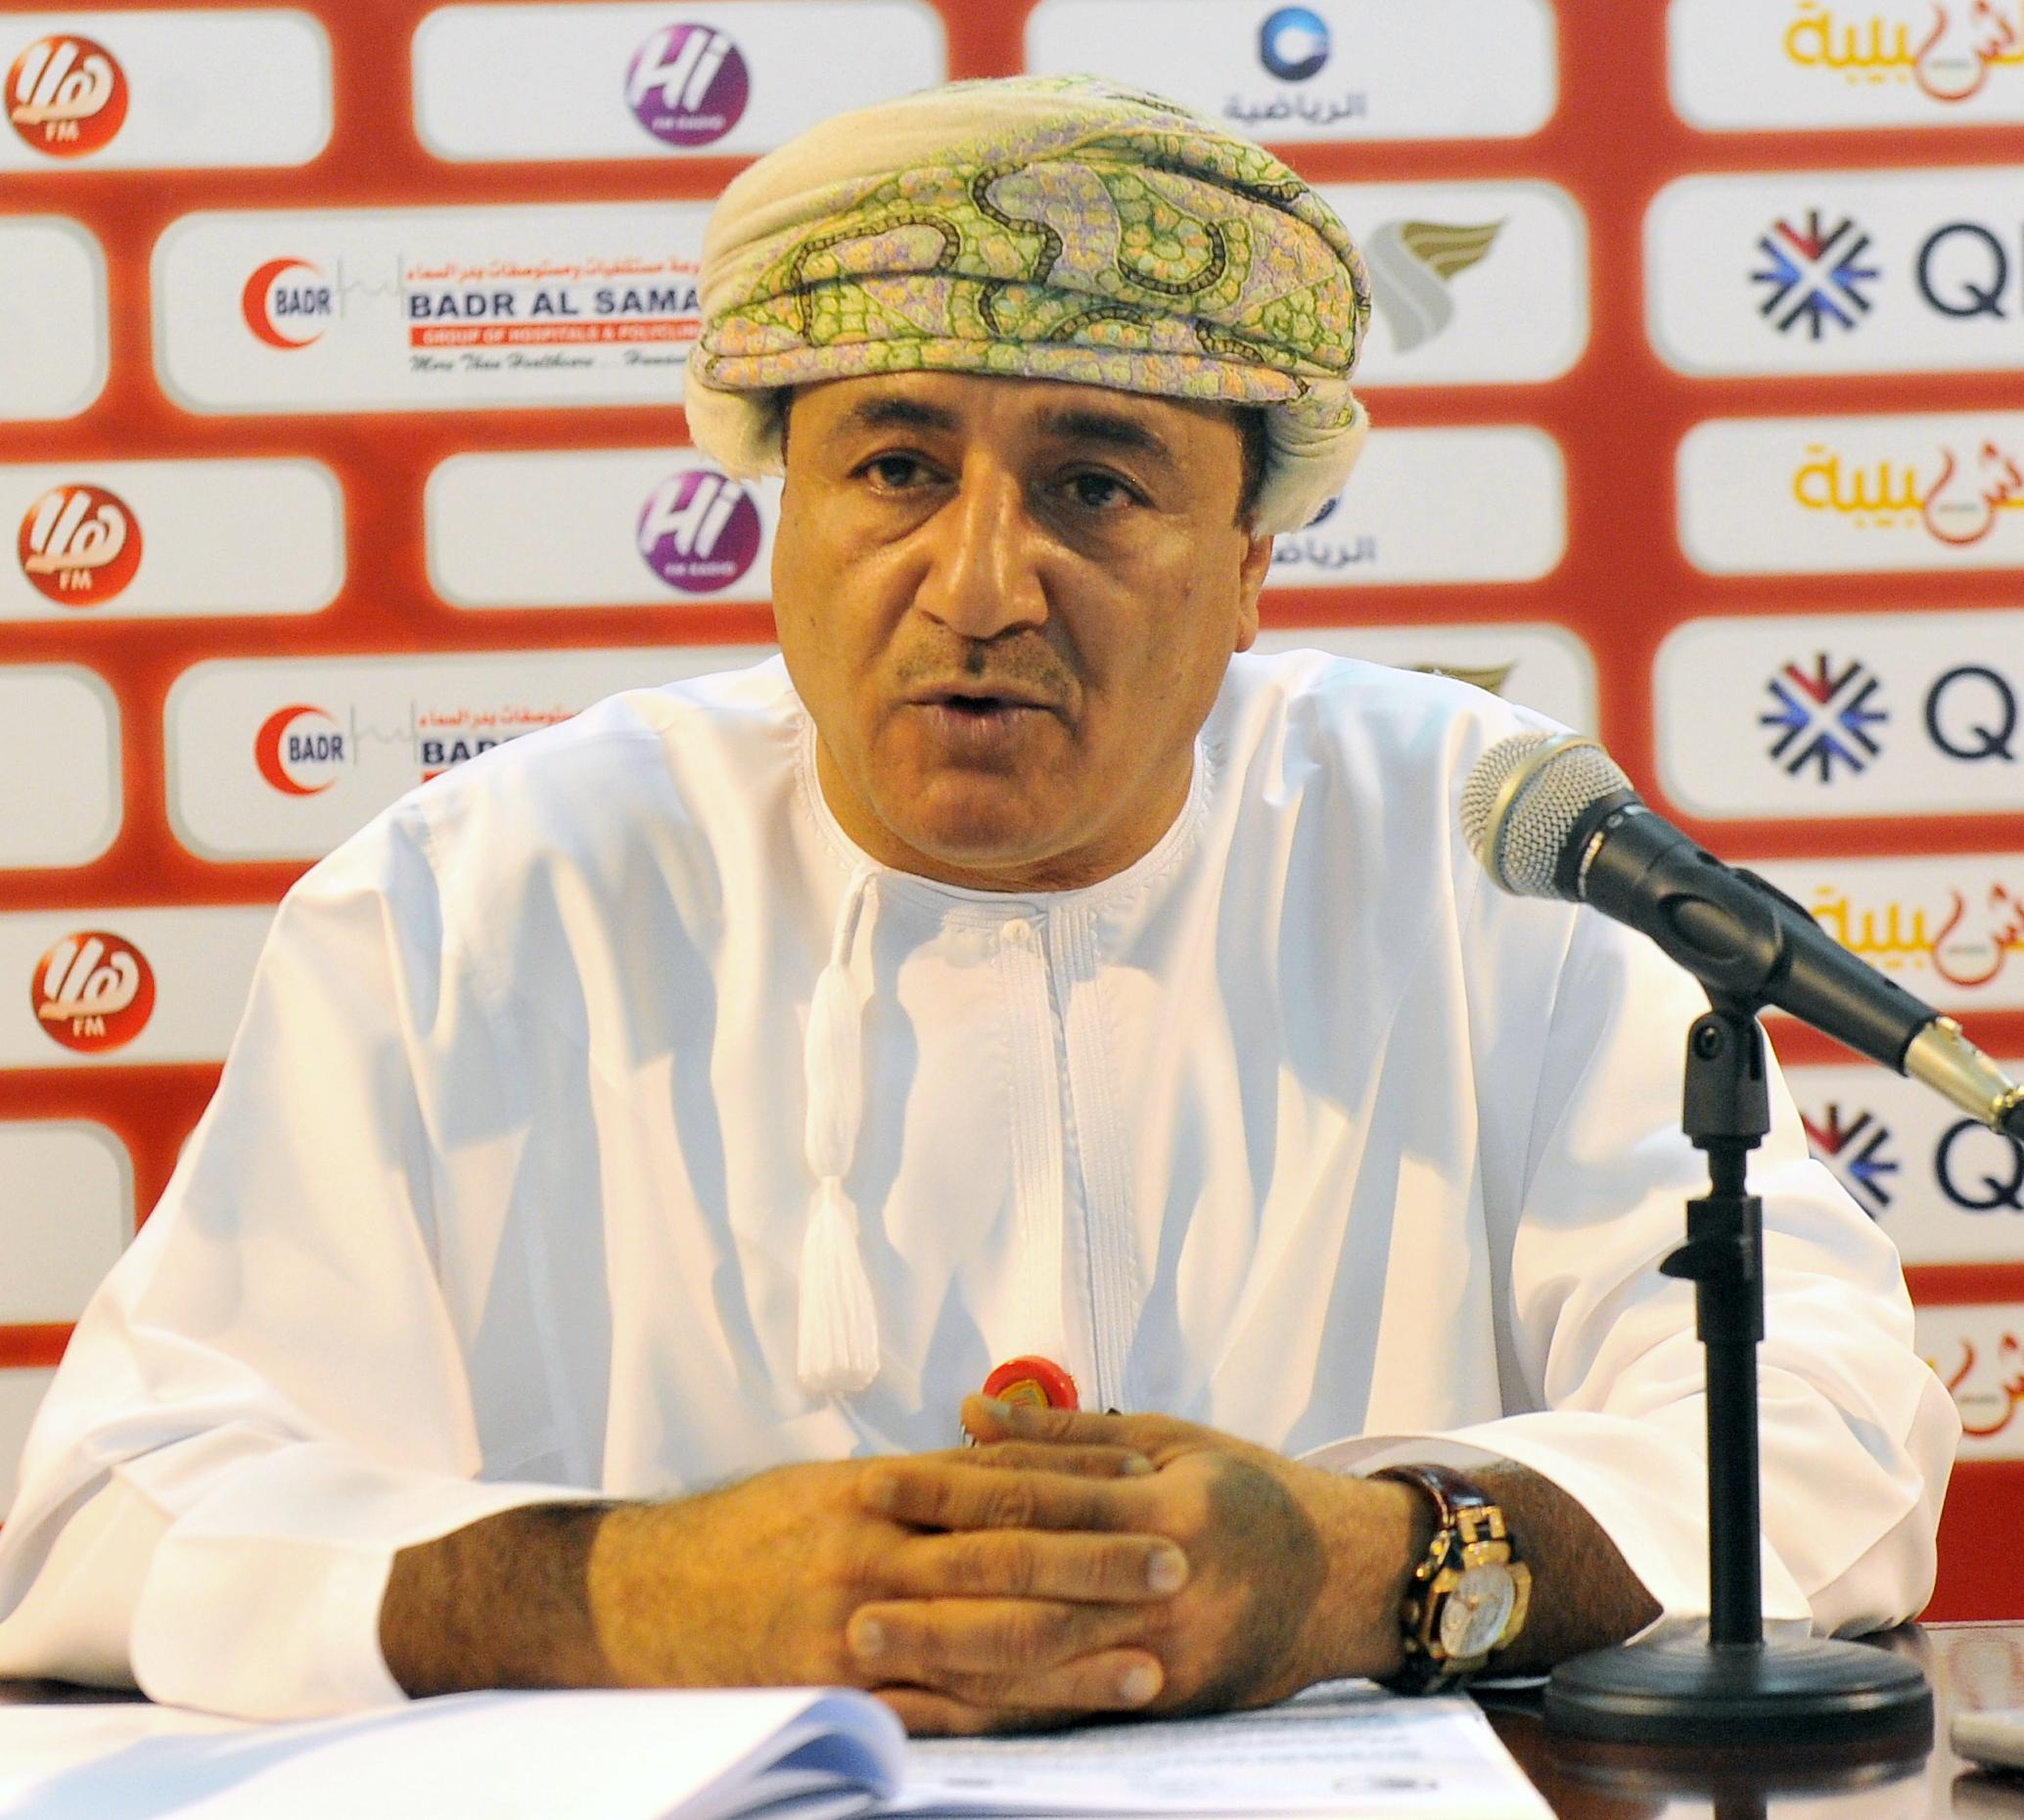 سعيد عثمان: اتفاقية التعاون مع الاتحاد القطري ستخدم الكرة العمانية